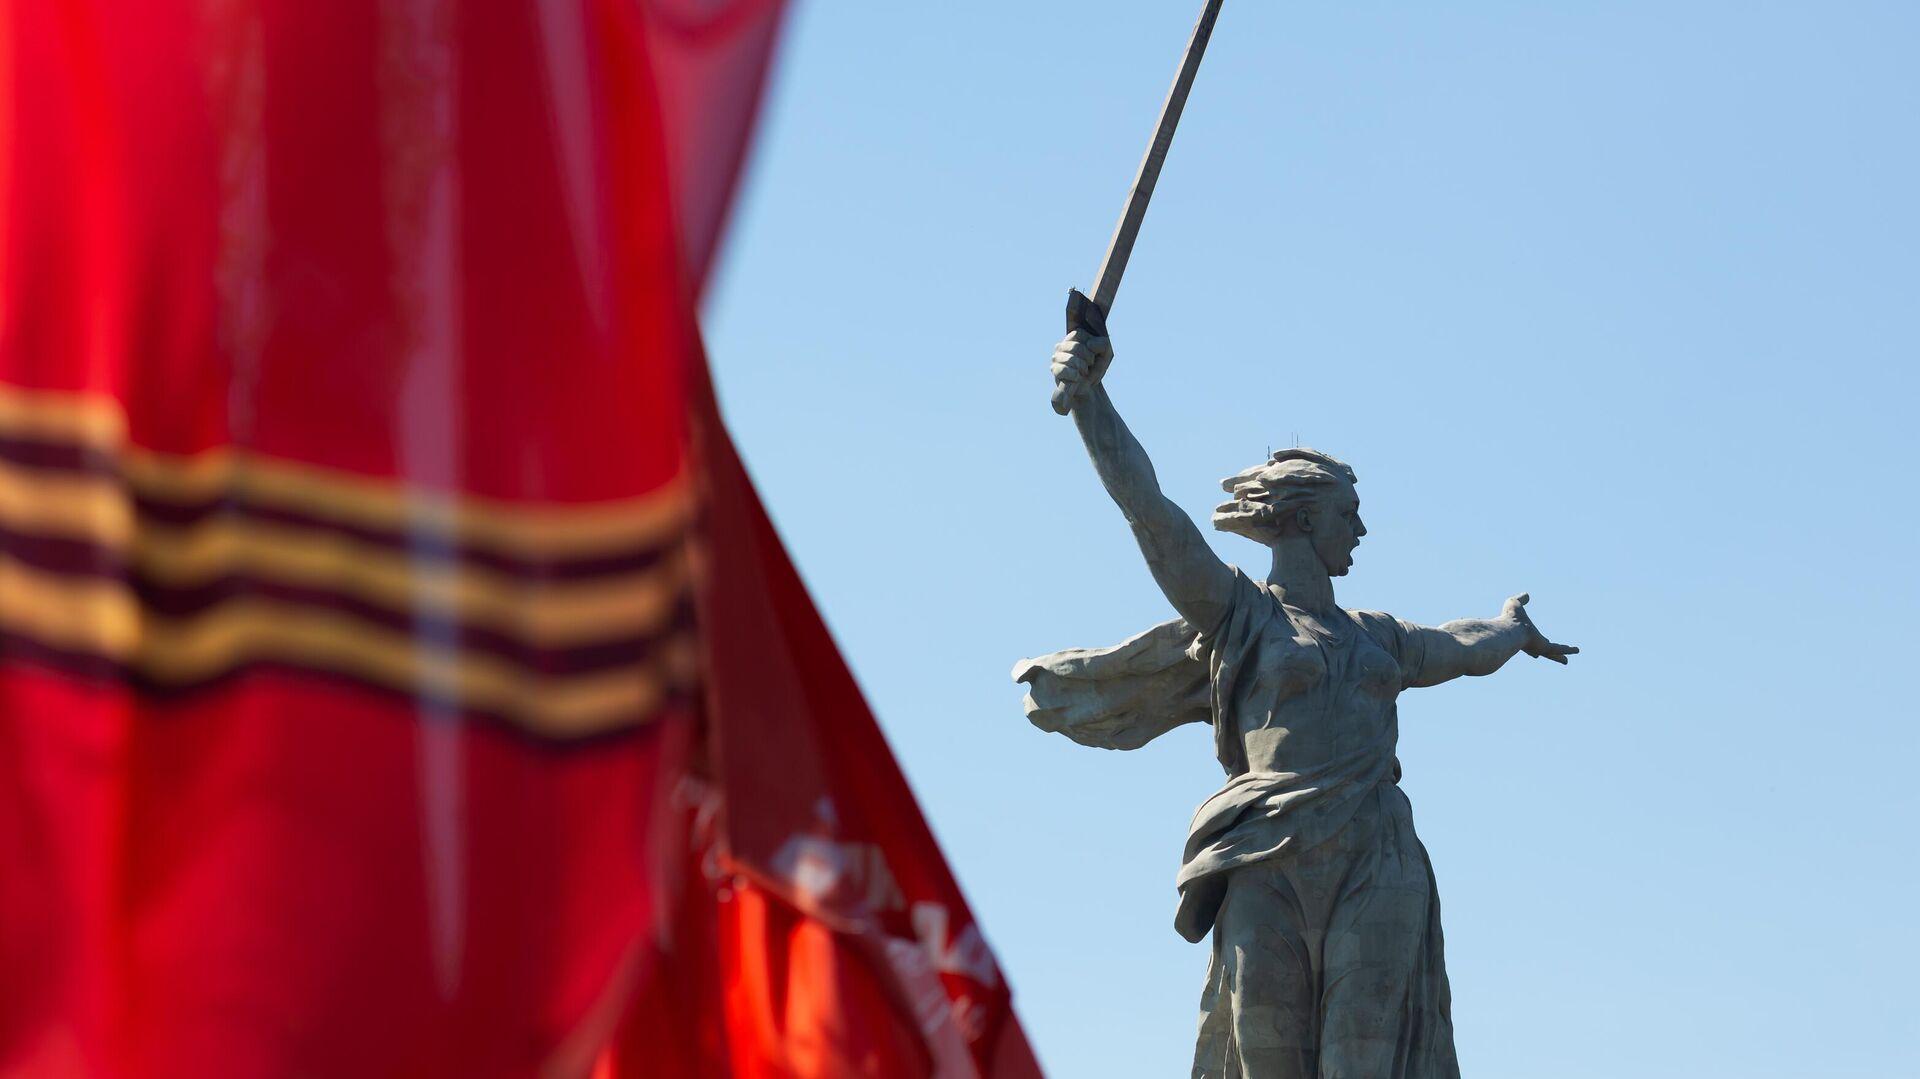 Монумент Родина-мать зовет! на Мамаевом кургане в Волгограде - РИА Новости, 1920, 06.05.2021